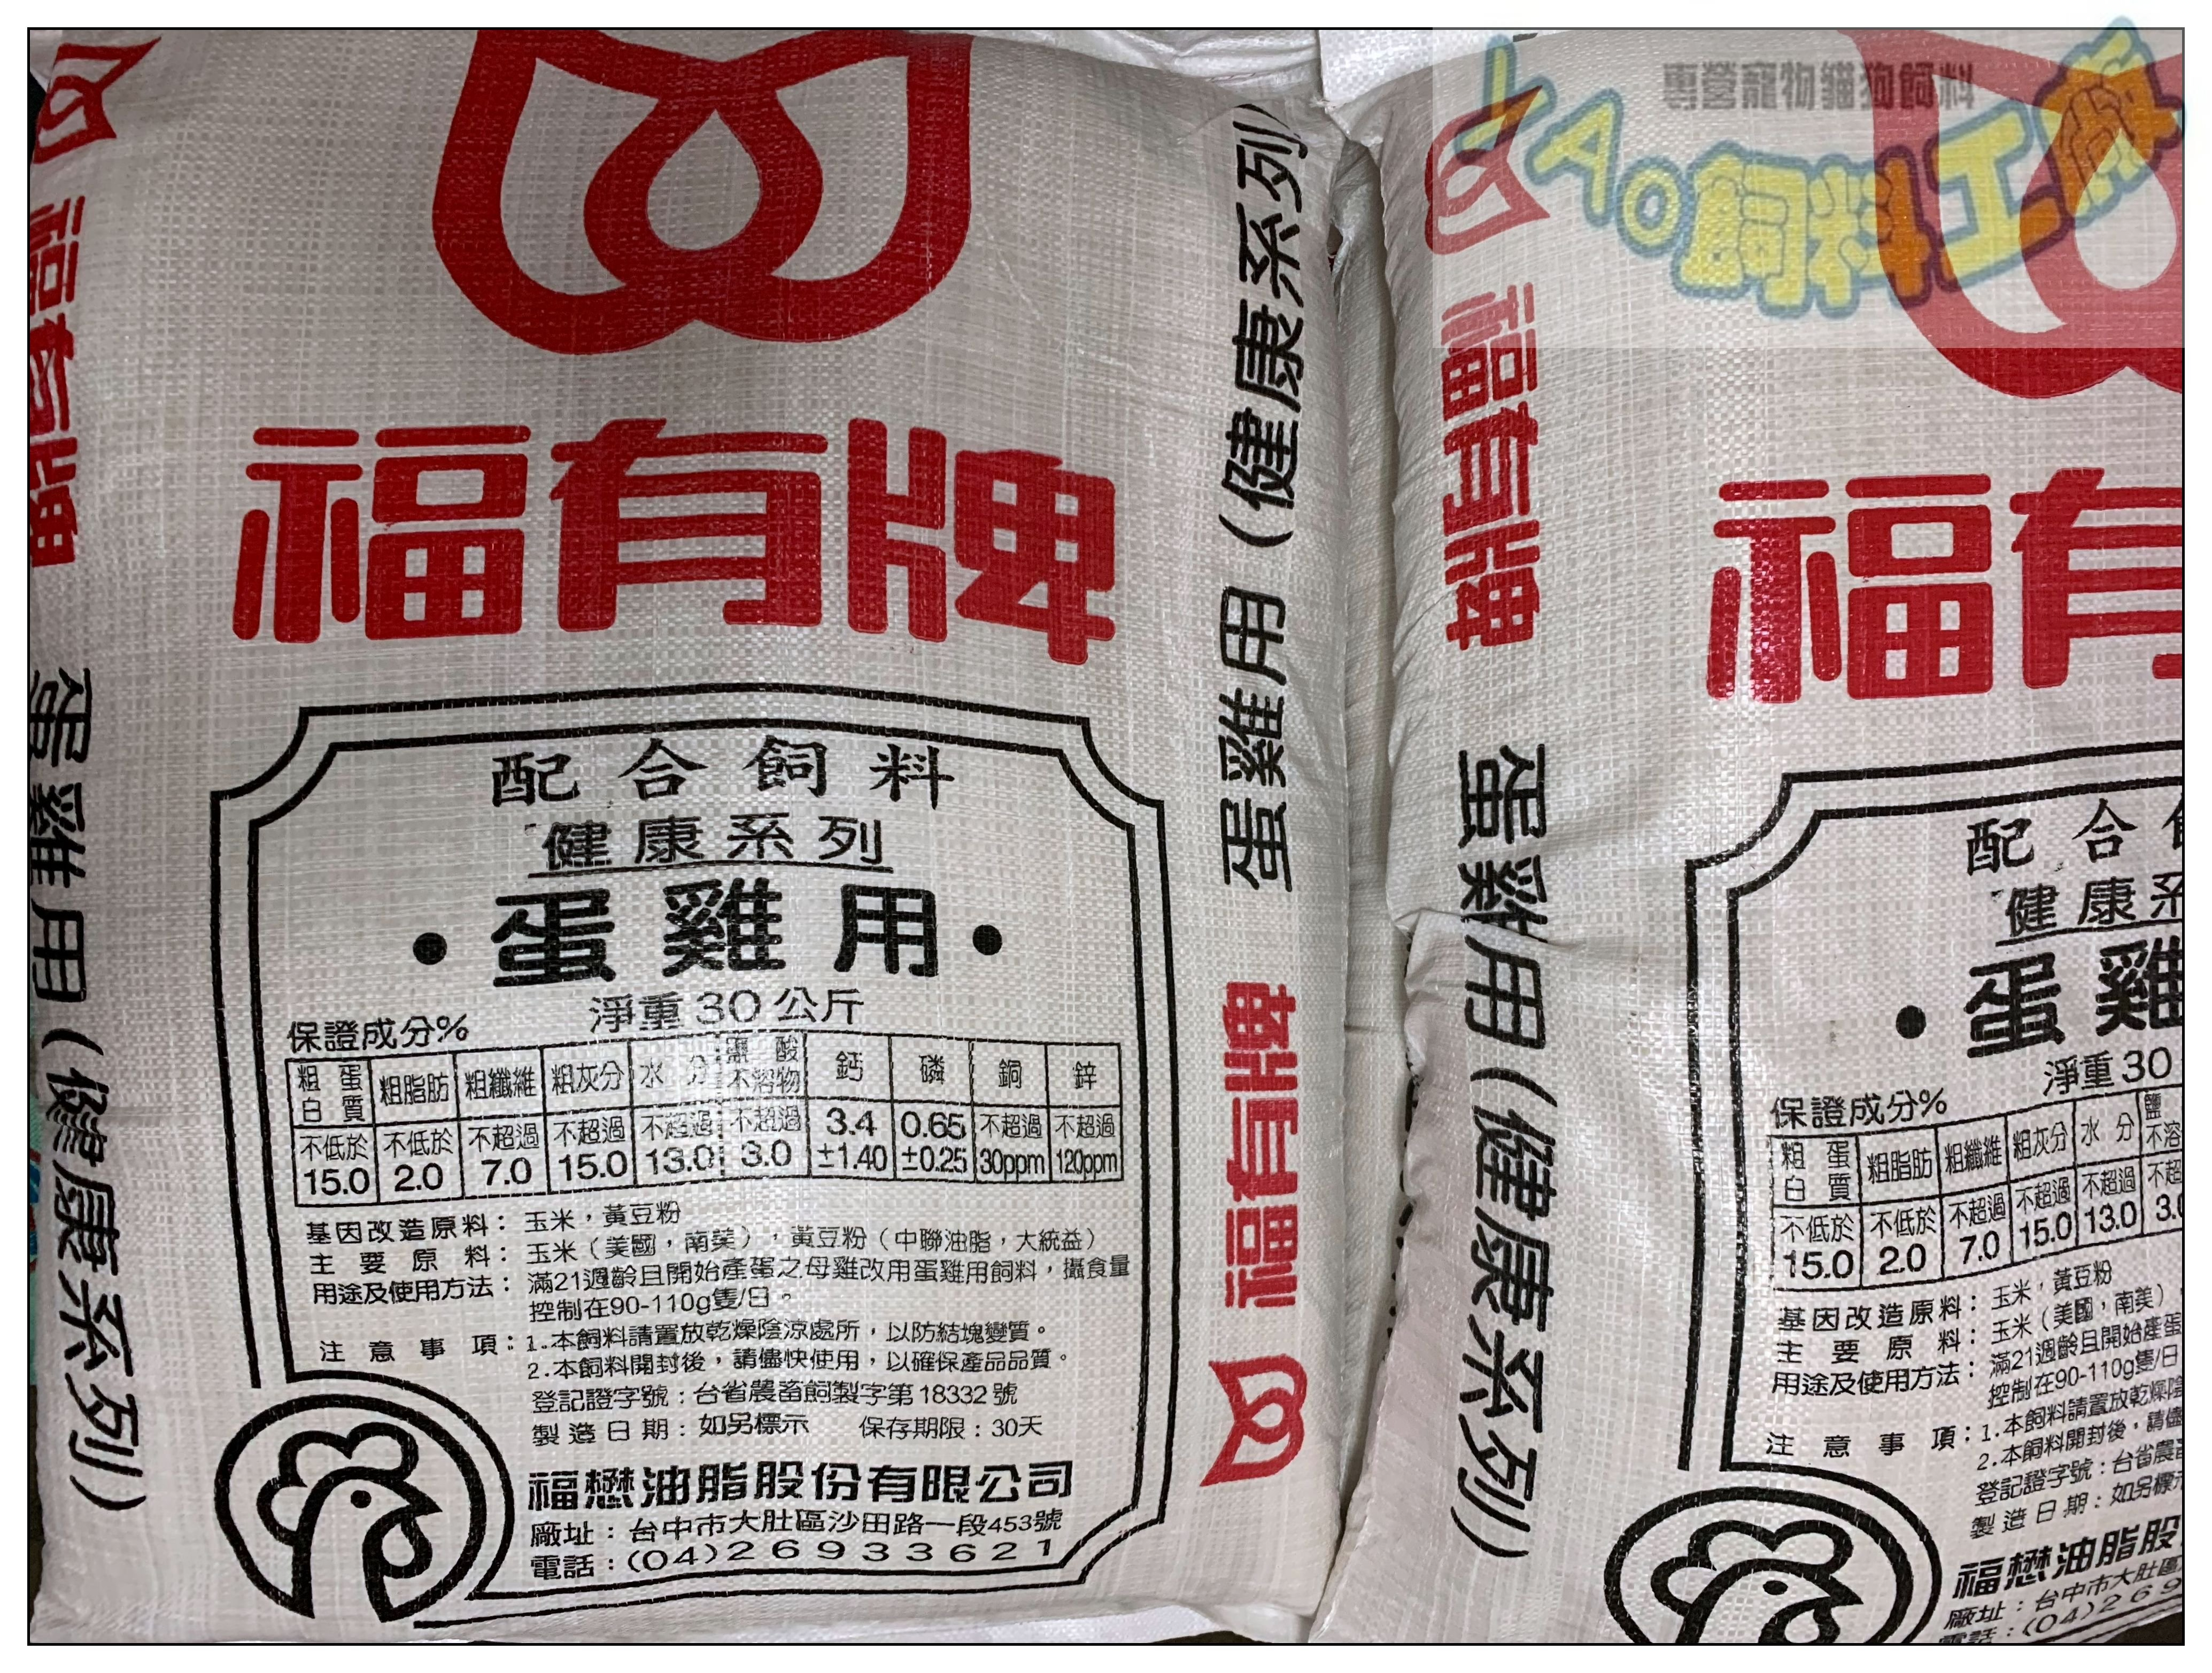 *yAo飼料*福有 蛋雞飼料 配方飼料 30kg